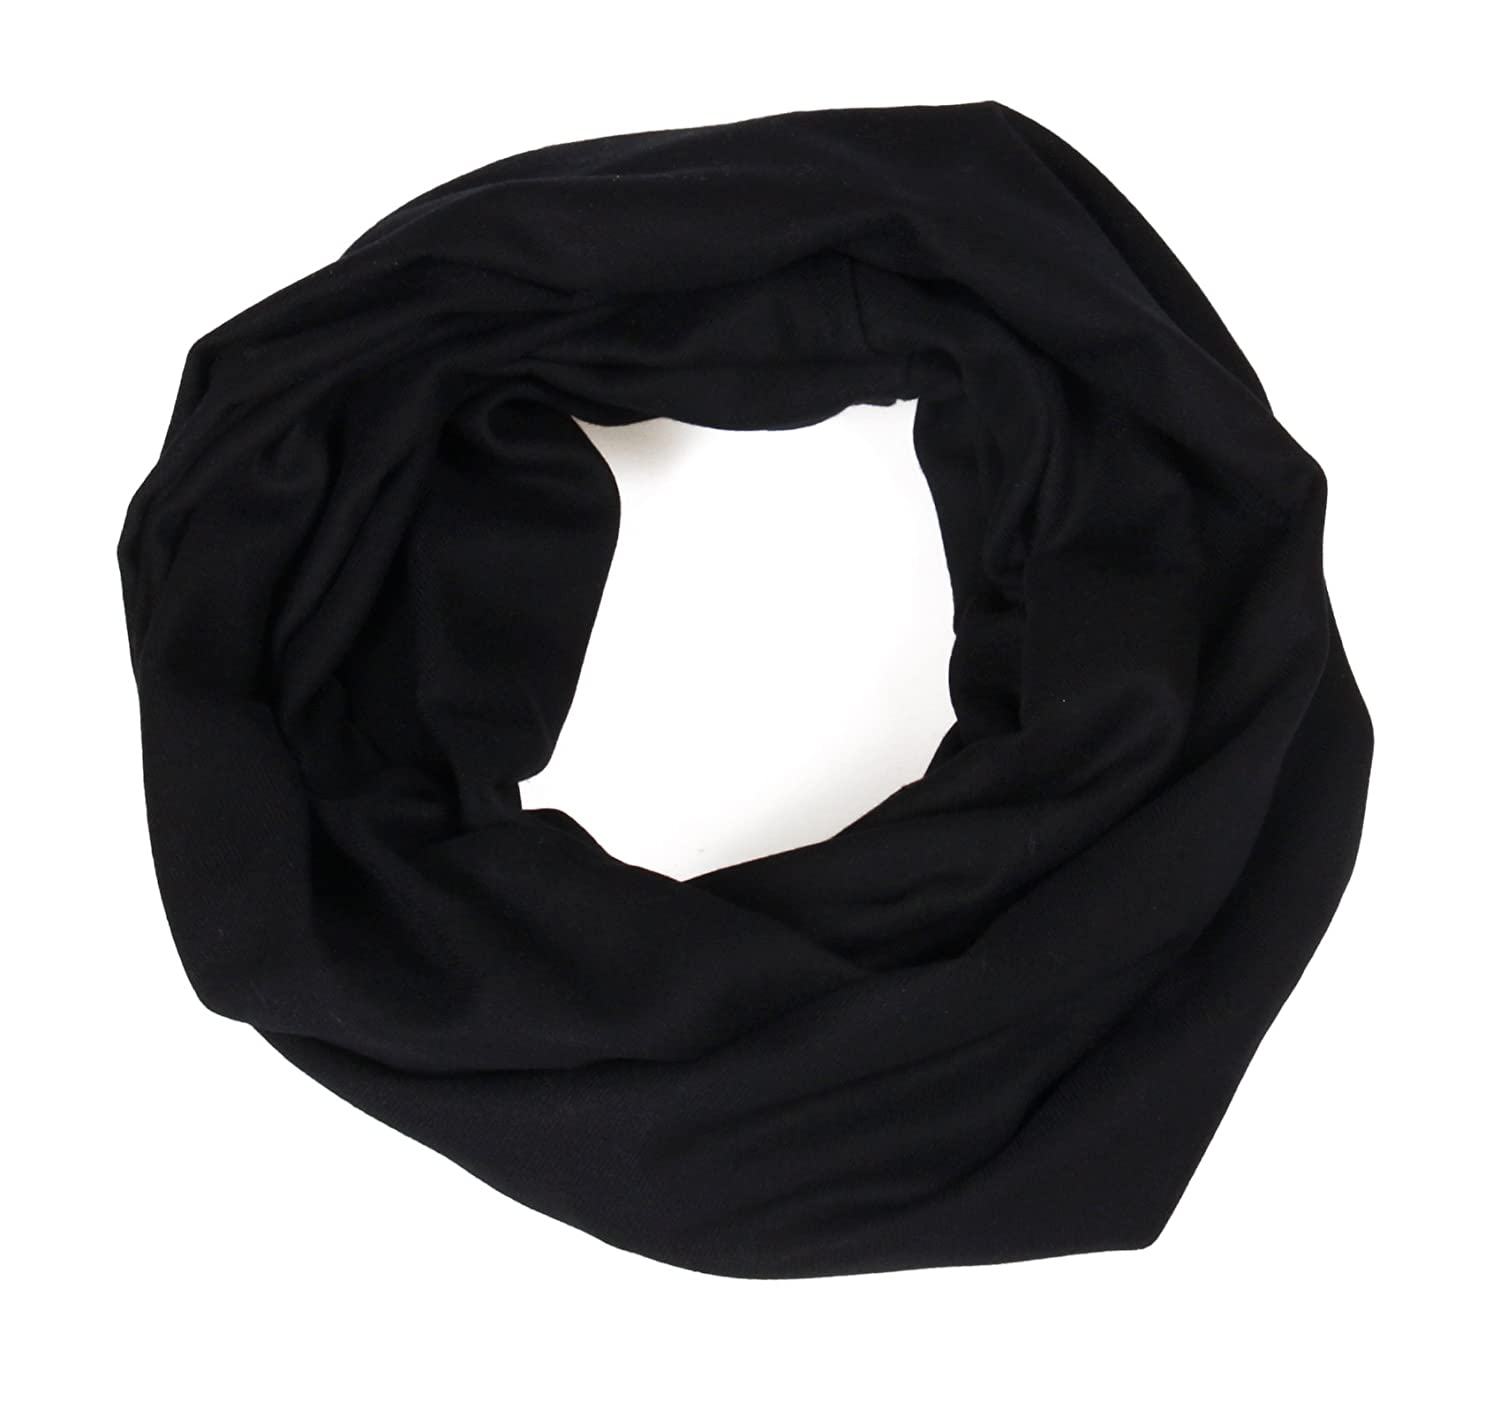 Massi Morino - Braga de suave cachemira, unisex, negro, 45 x 45 cm